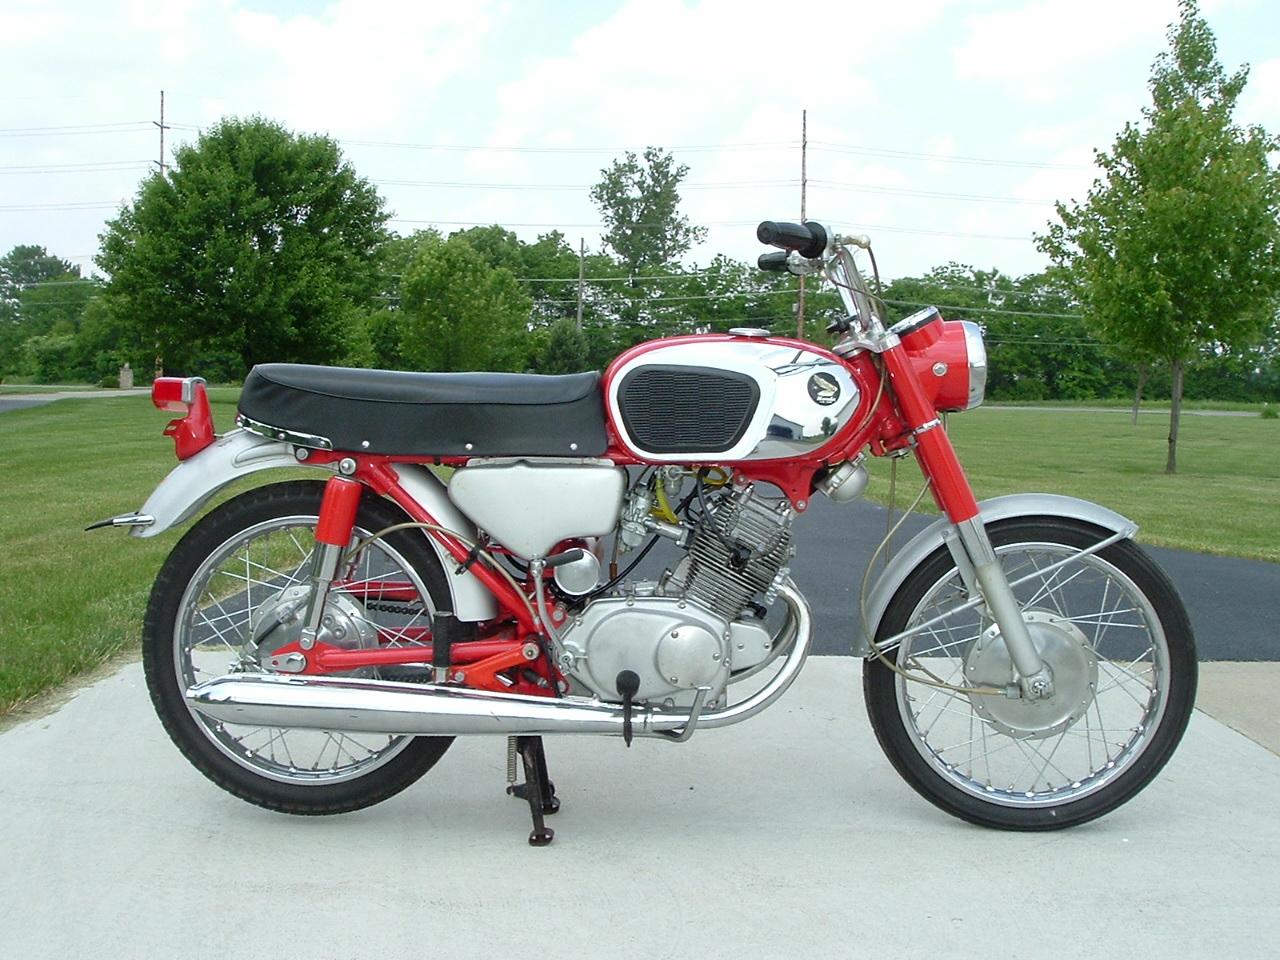 Yamaha Air Filters Motorcycle